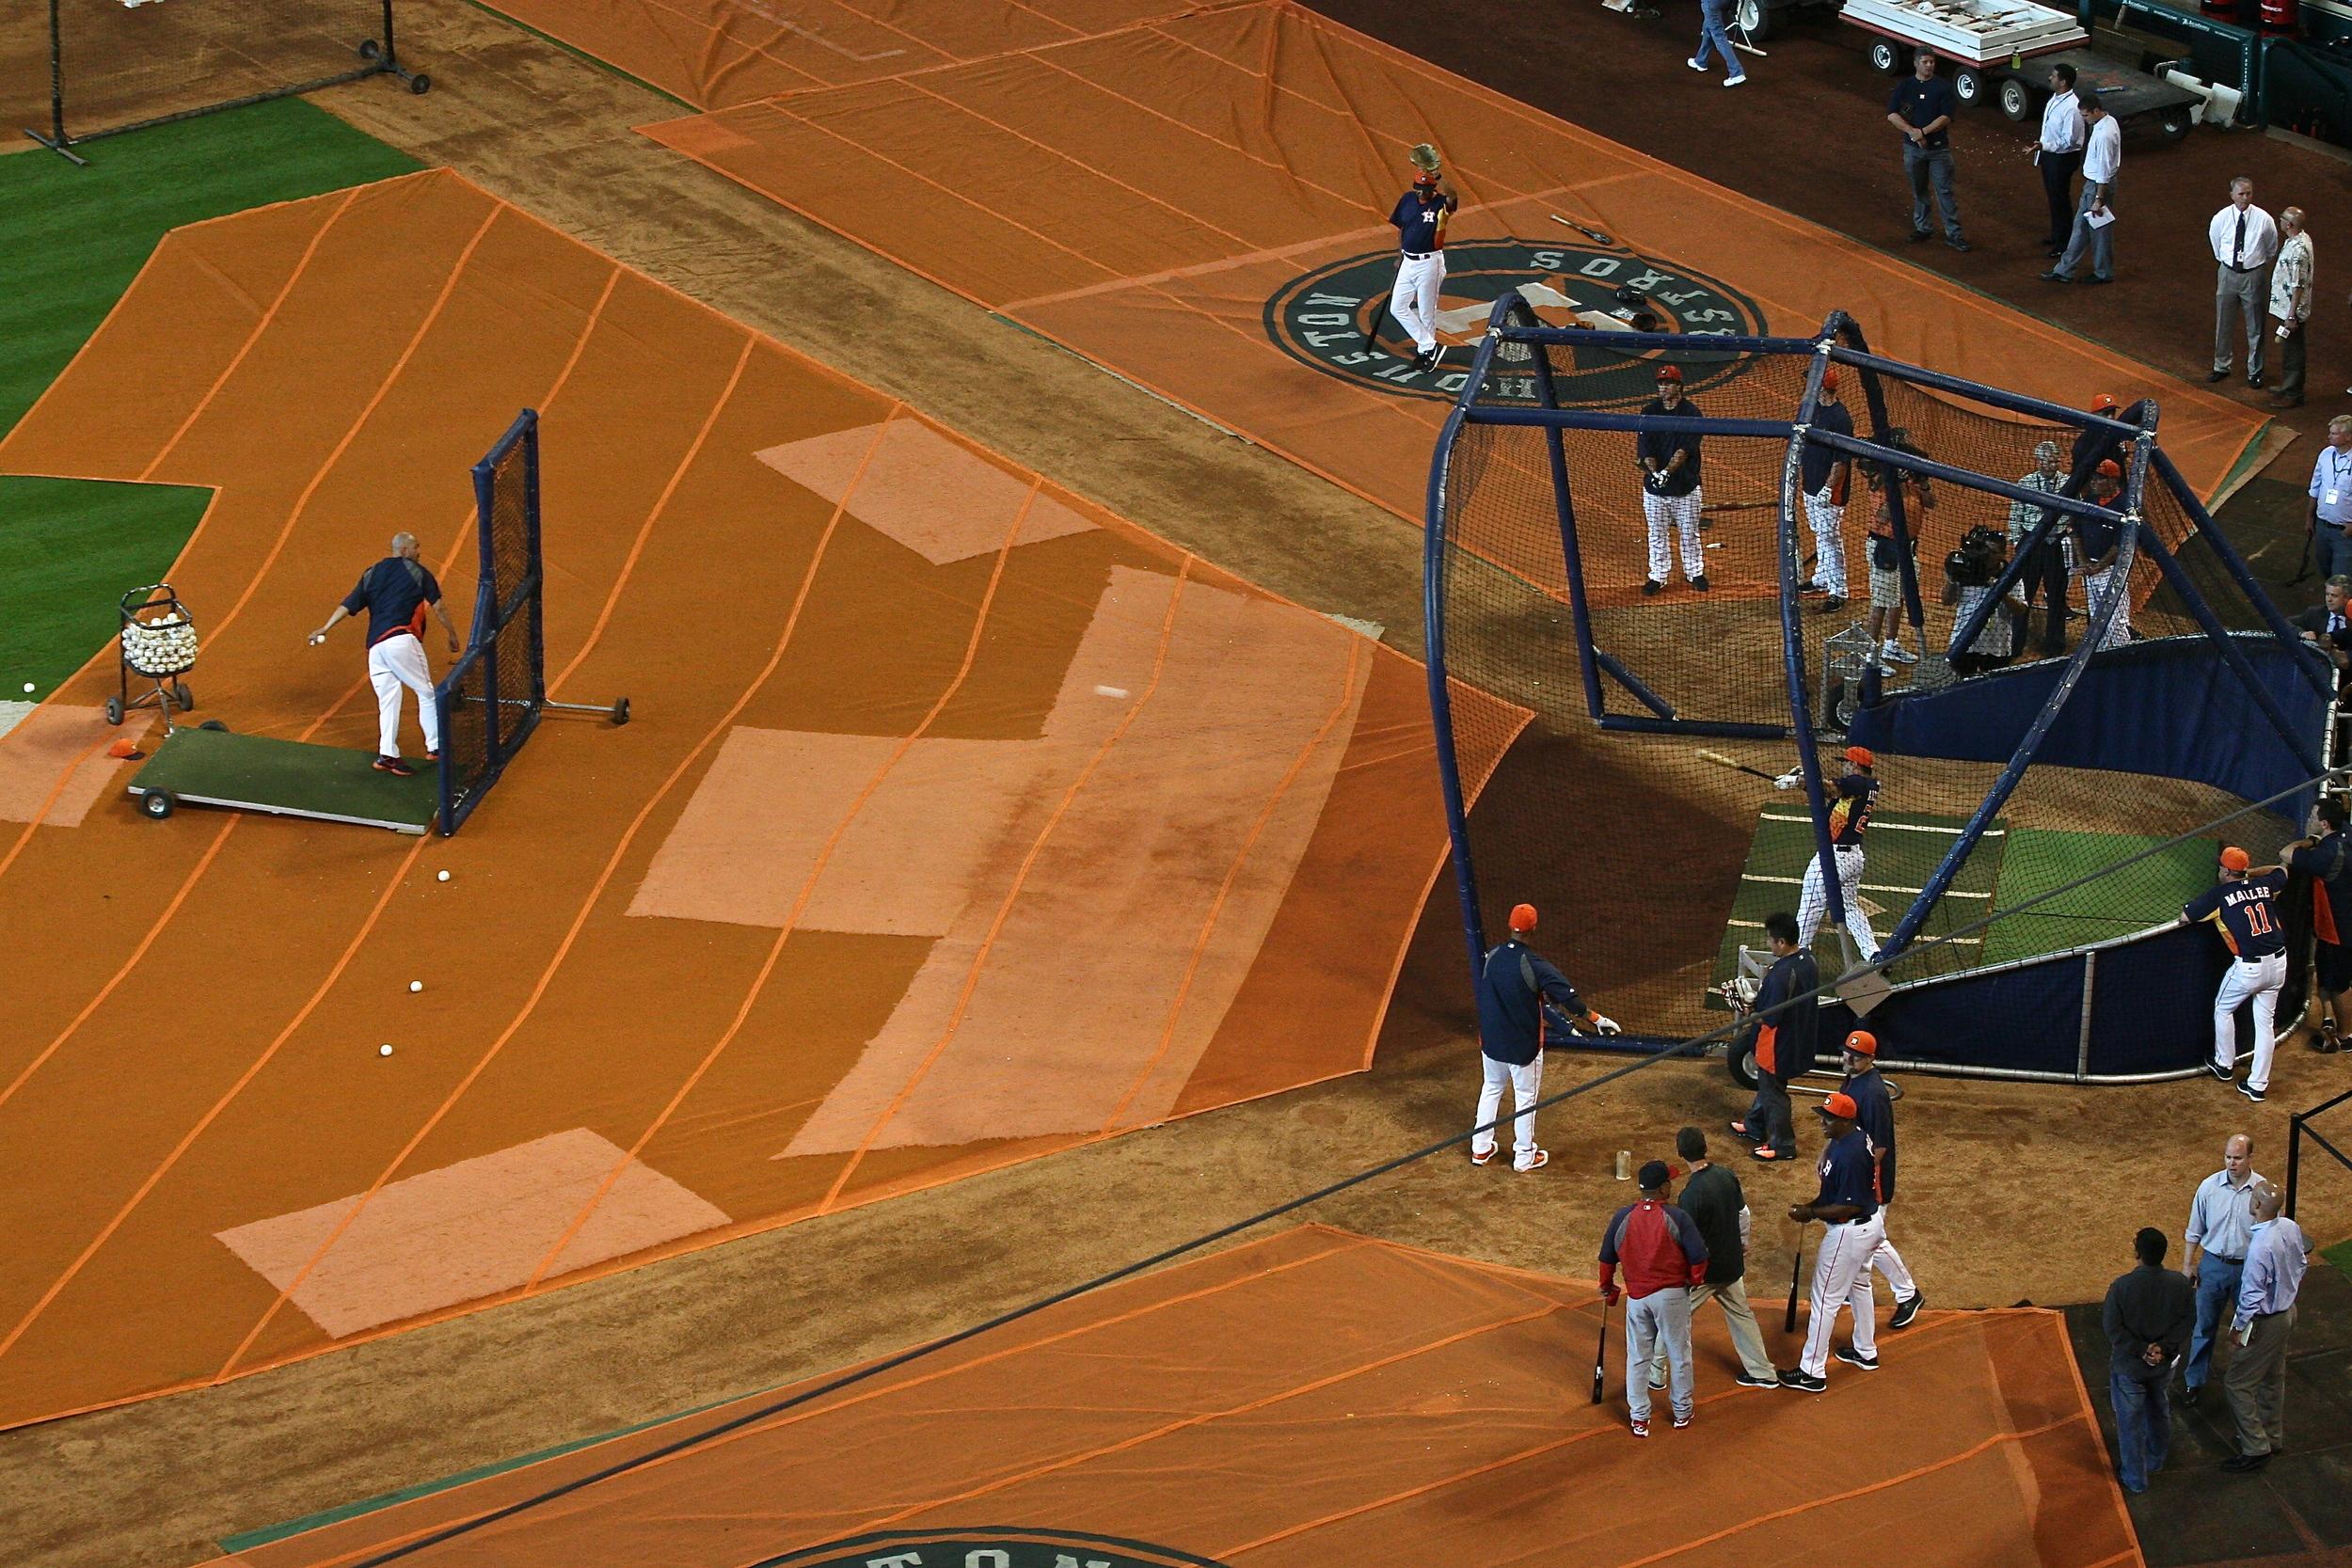 Altuve batting practice